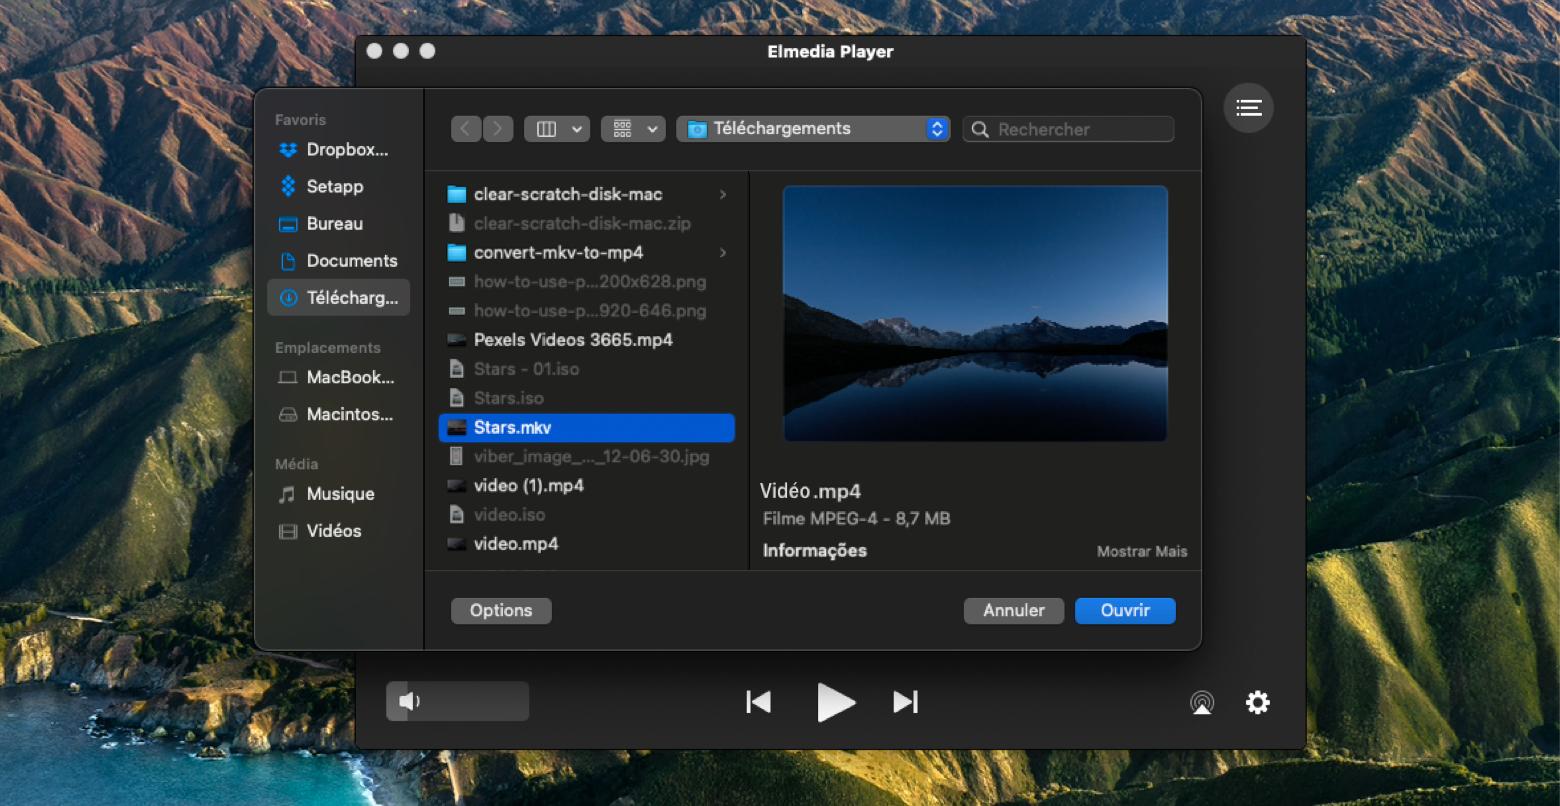 Ouvrir des fichiers MKV avec Elmedia Player